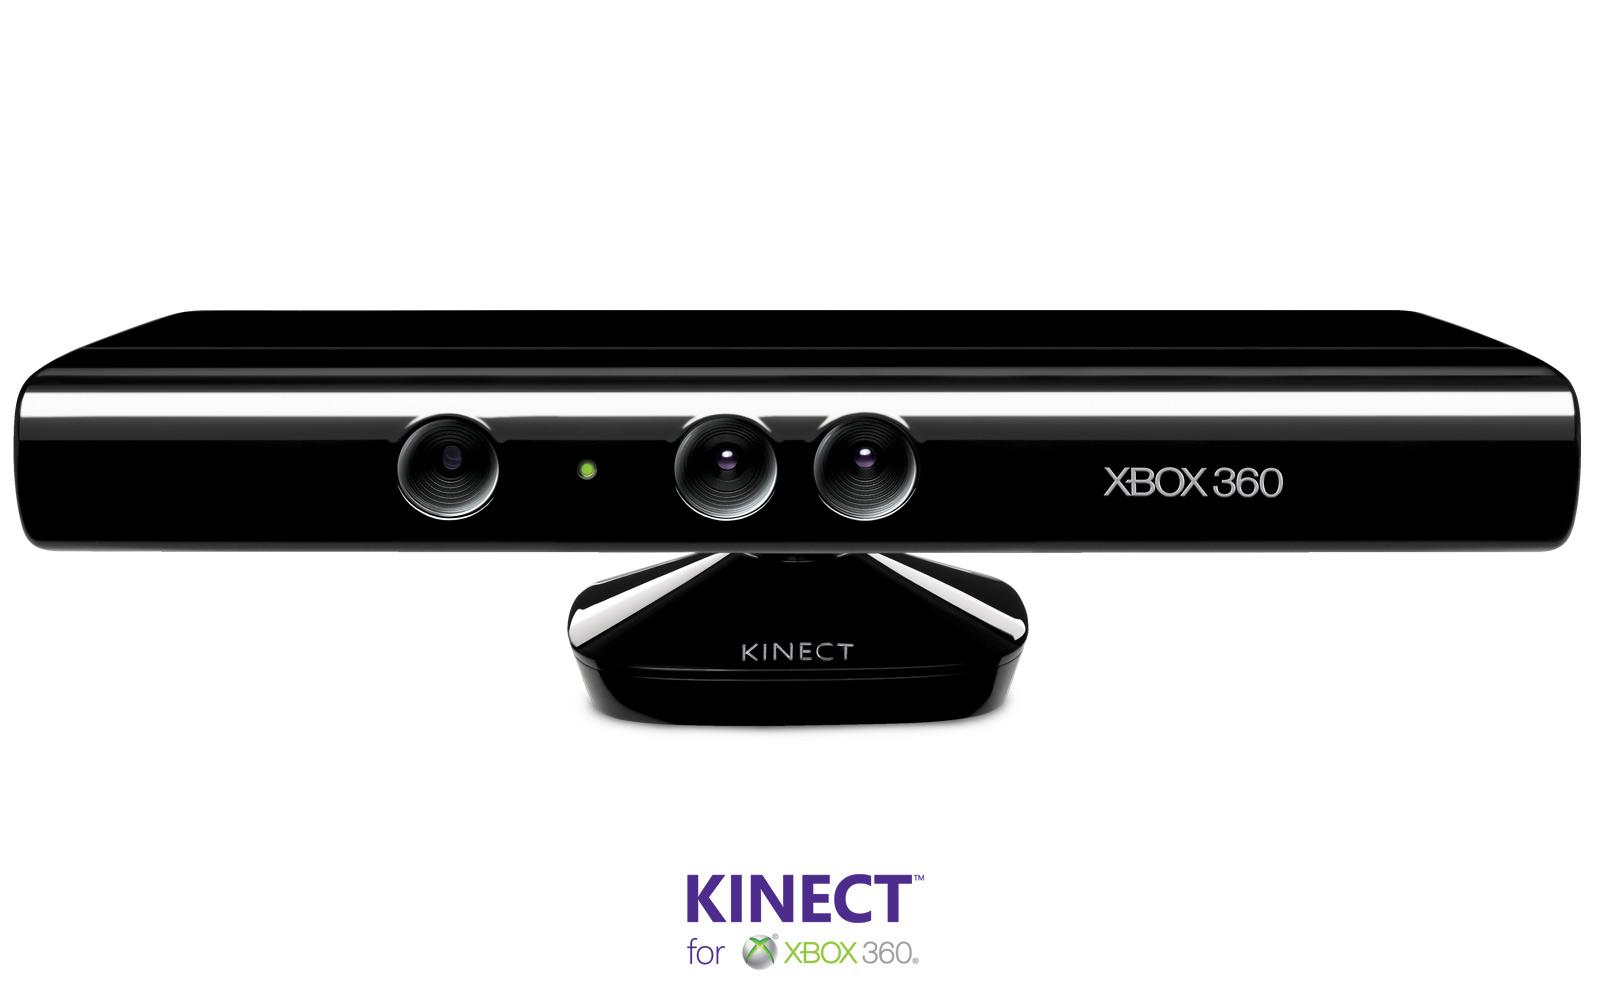 O Kinect realmente é potiguar?